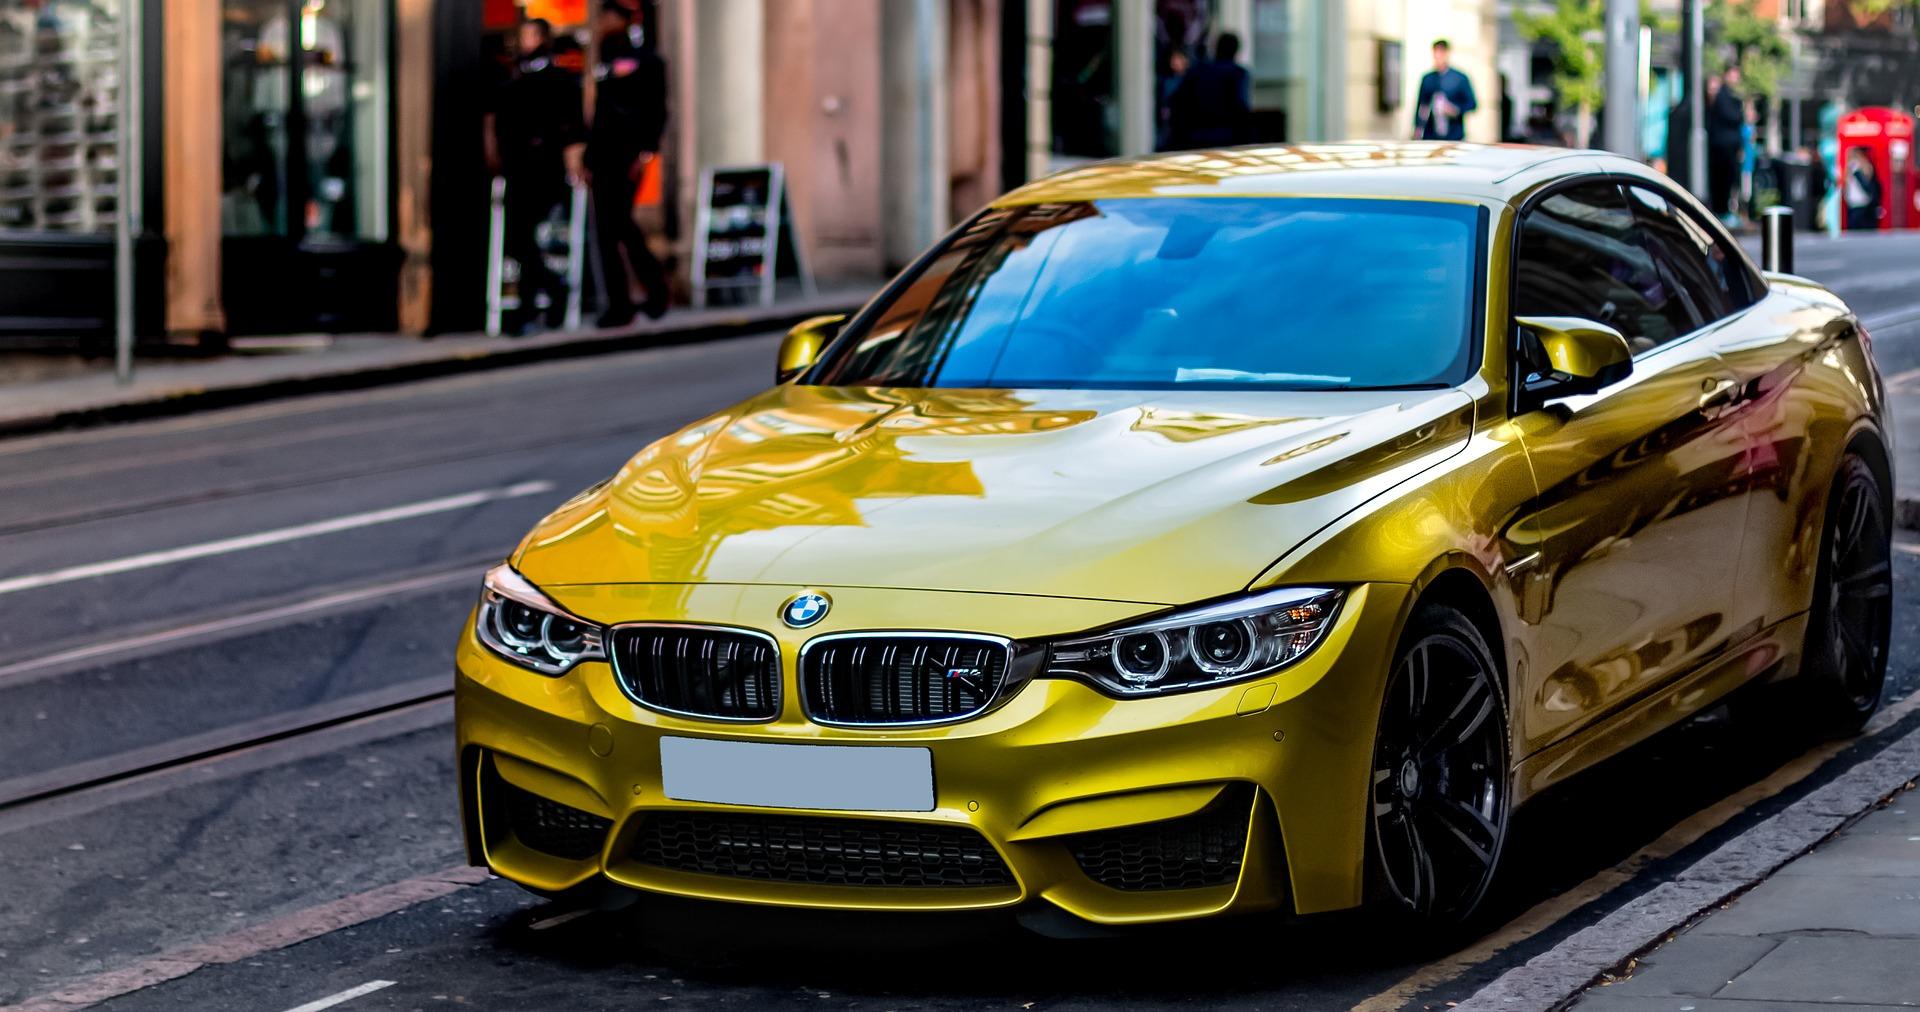 Découvrez l'intérêt d'acheter une voiture d'occasion en leasing